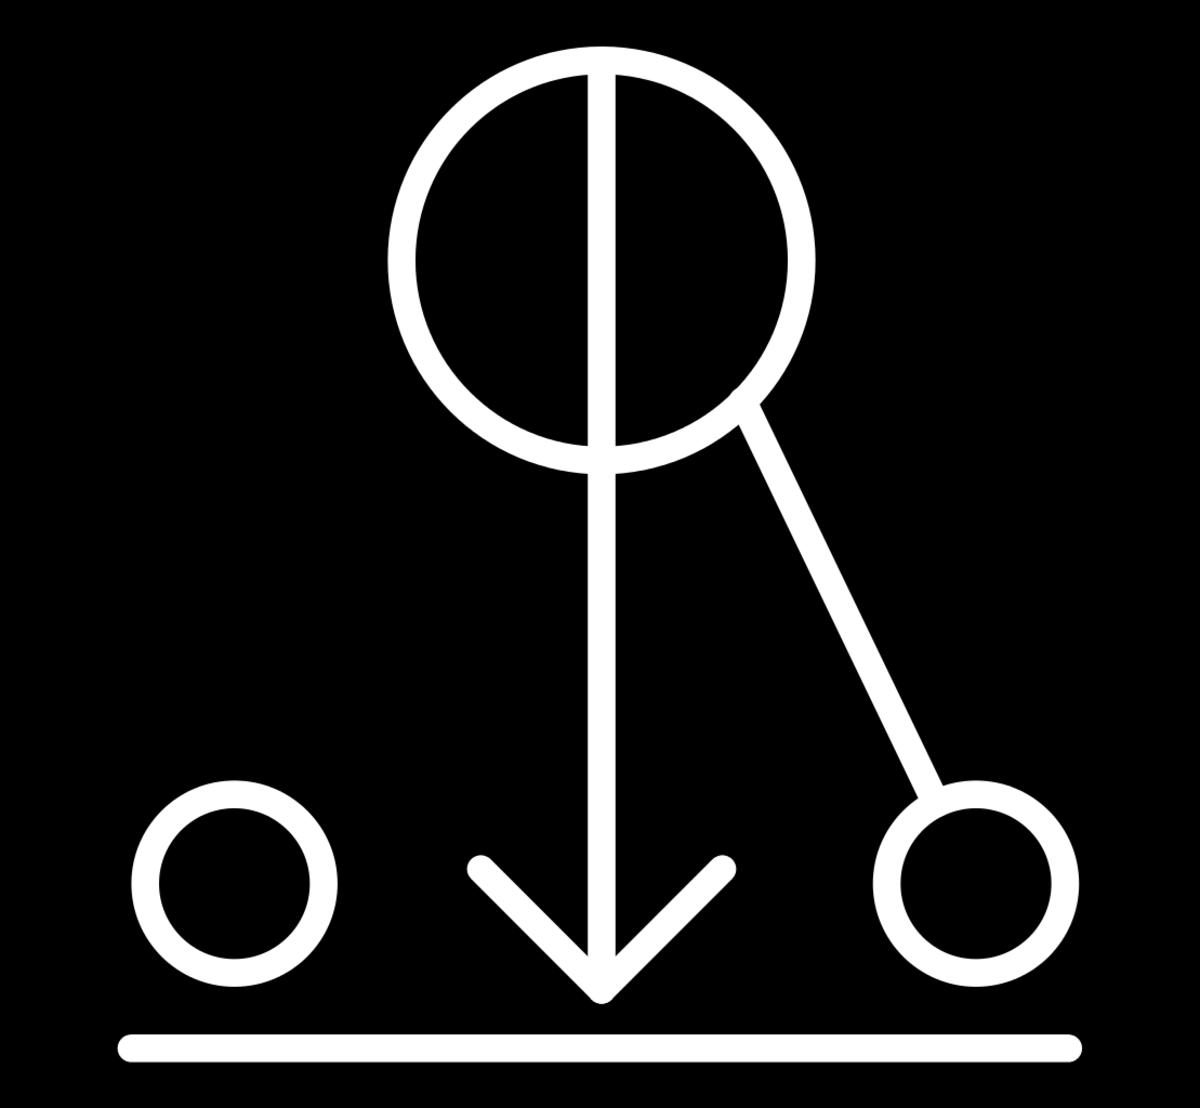 Graphic Artist Derek Riggs Signature Logo